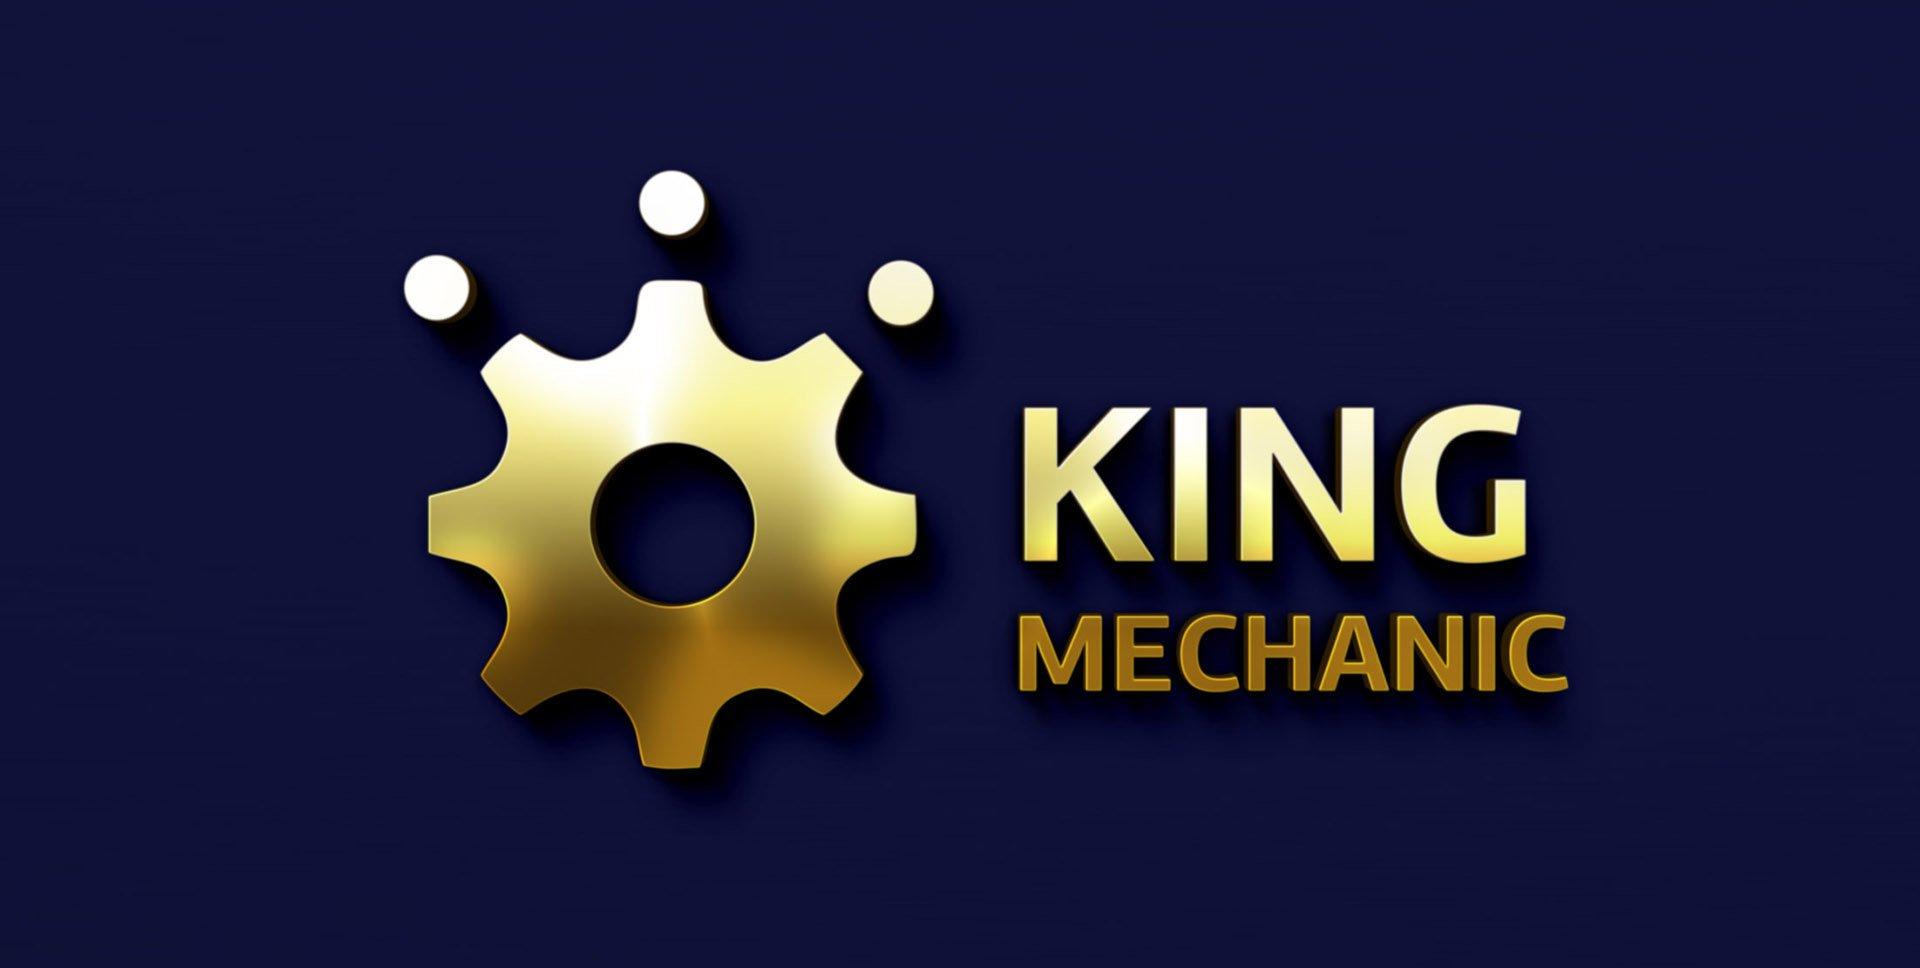 дизайн логотипа компании